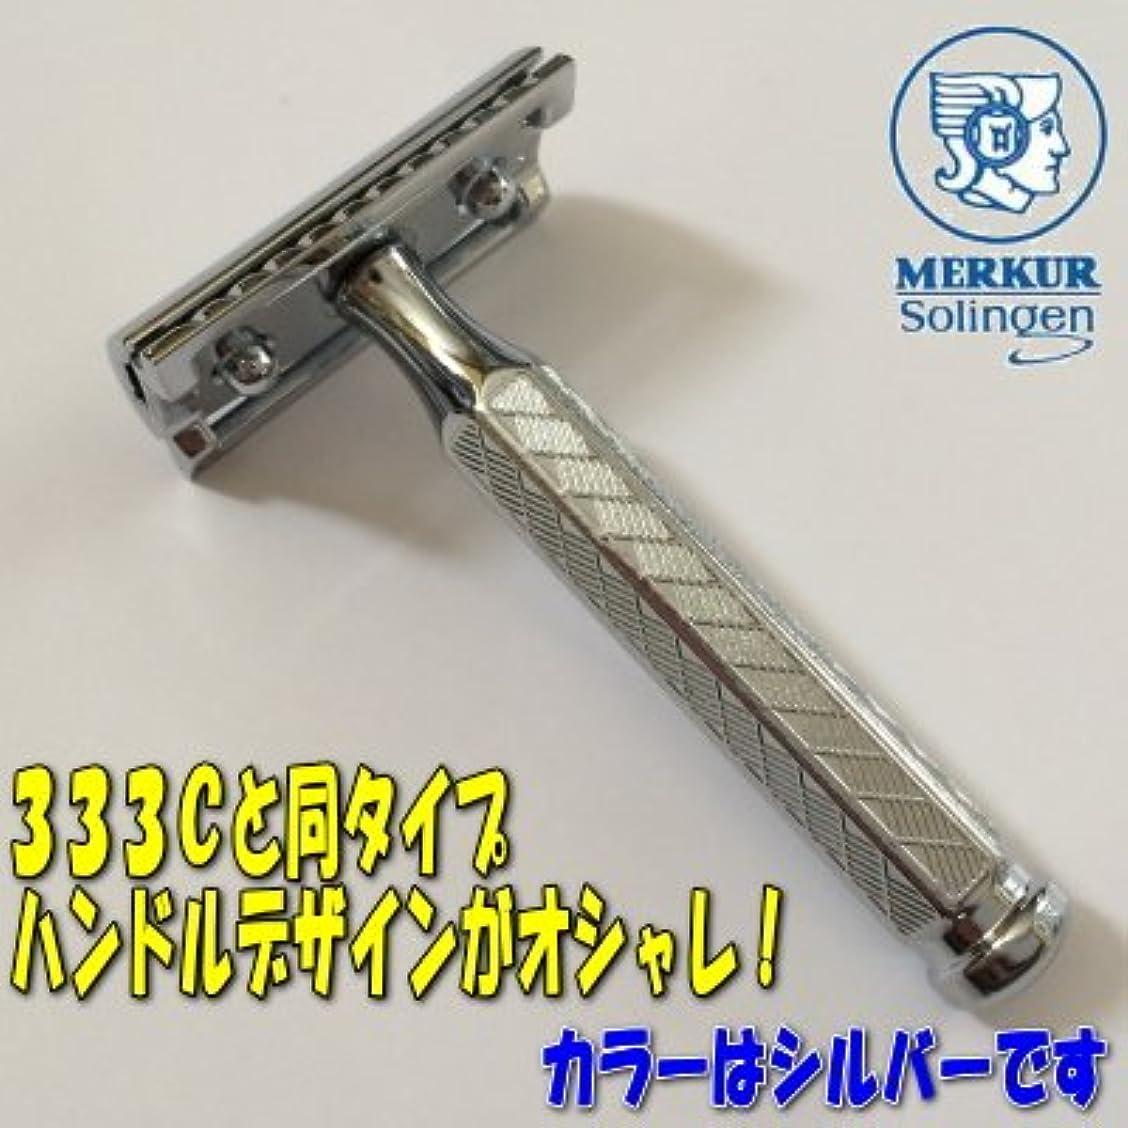 ポジション実行する害虫メルクール髭剃り(ひげそり) 342